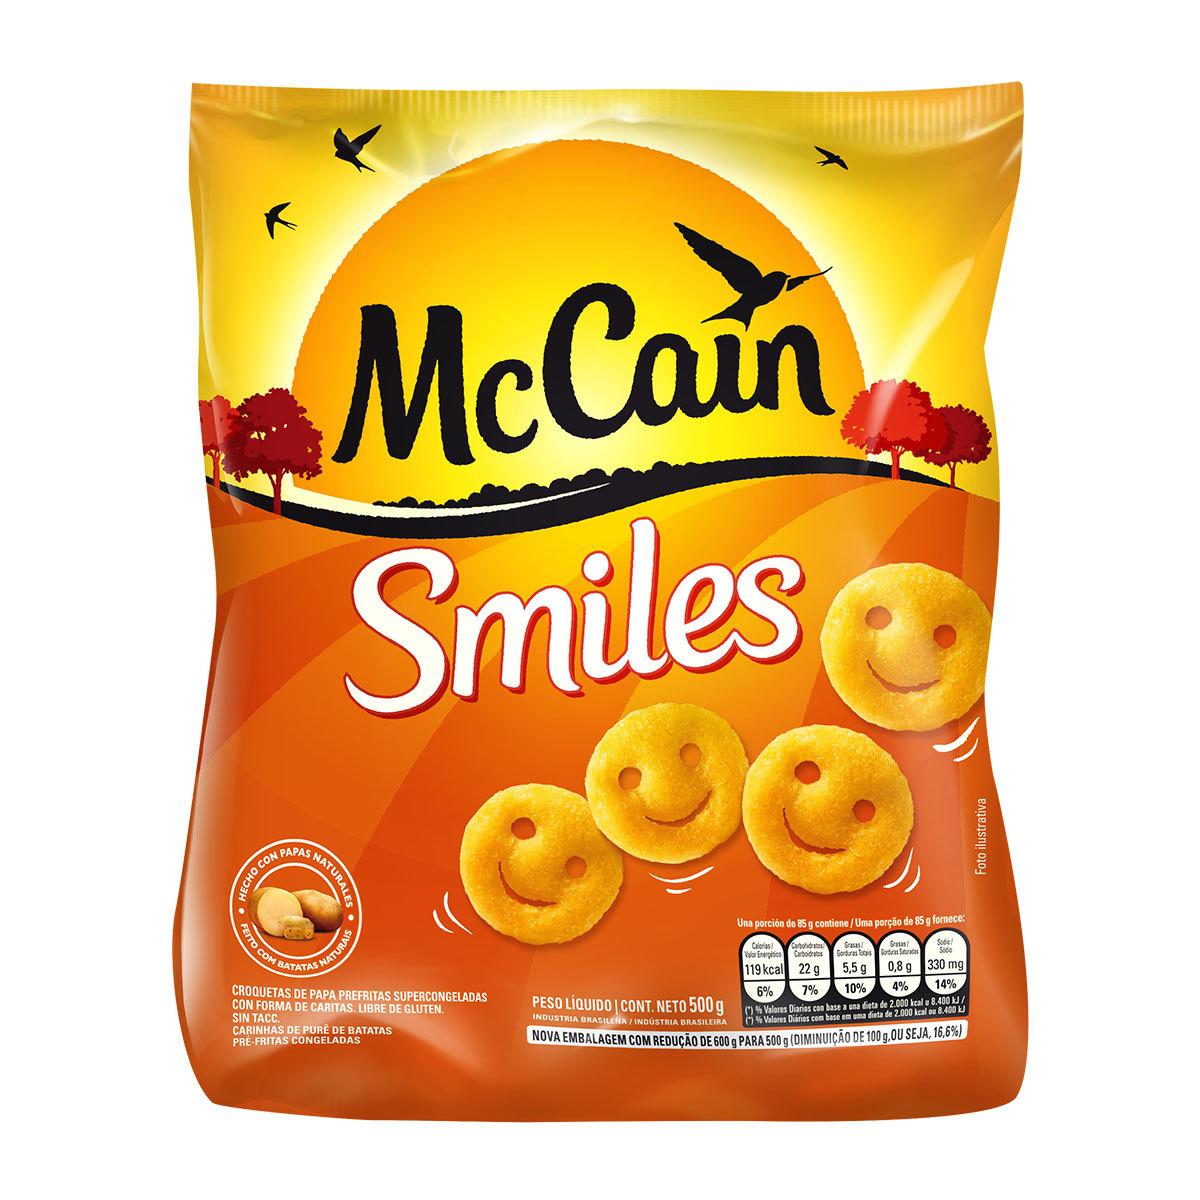 McCain Smiles 600g